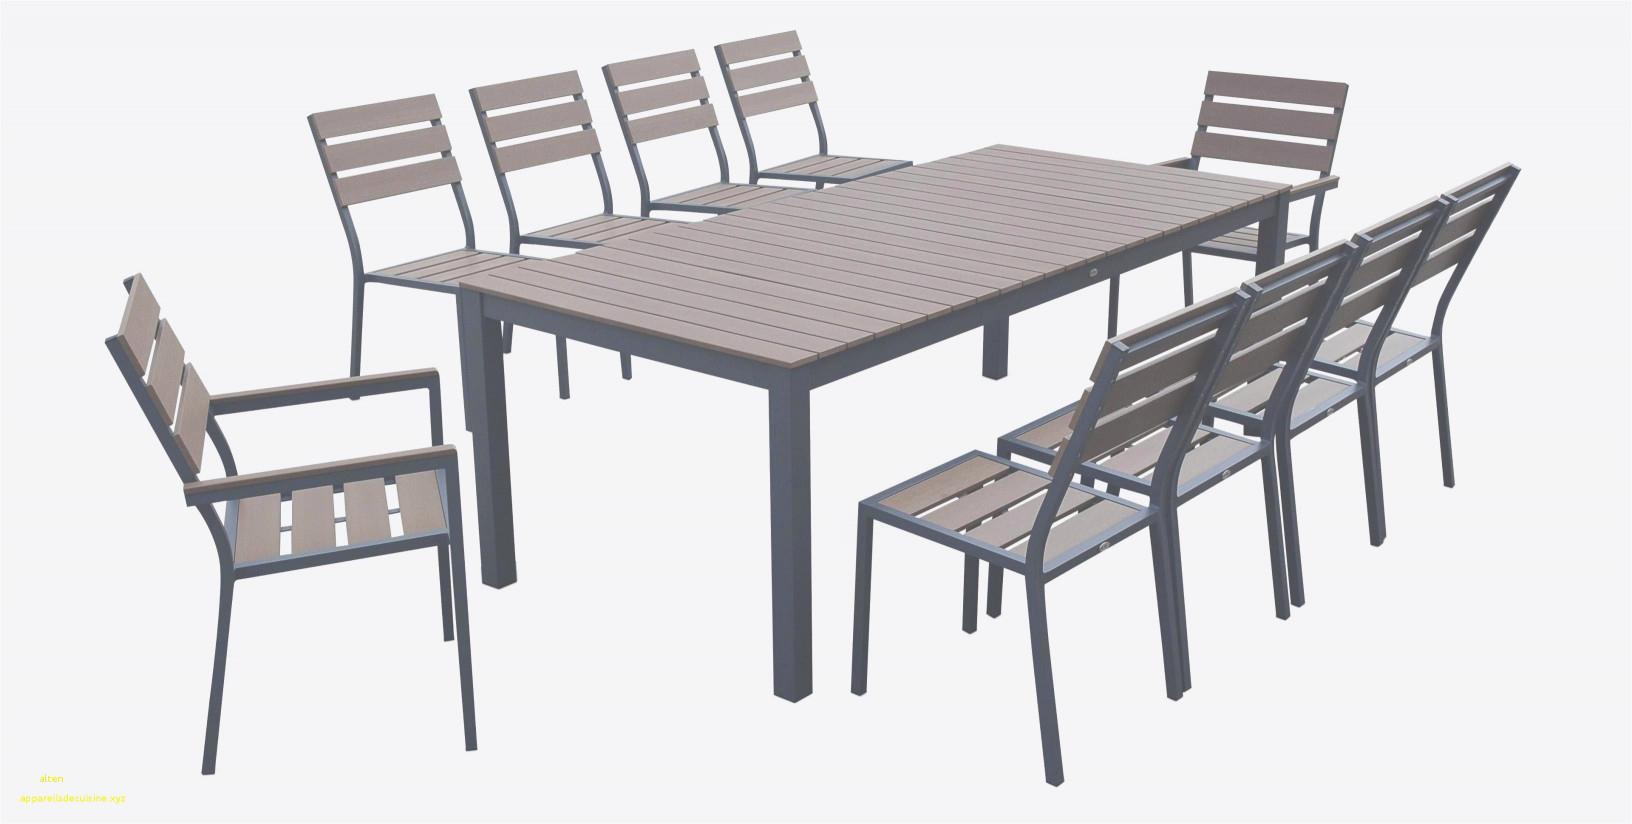 Carrefour Chaises De Jardin Nouveau Photographie Table Jardin Carrefour Nouveau Table Et Chaise Pliante Chaise